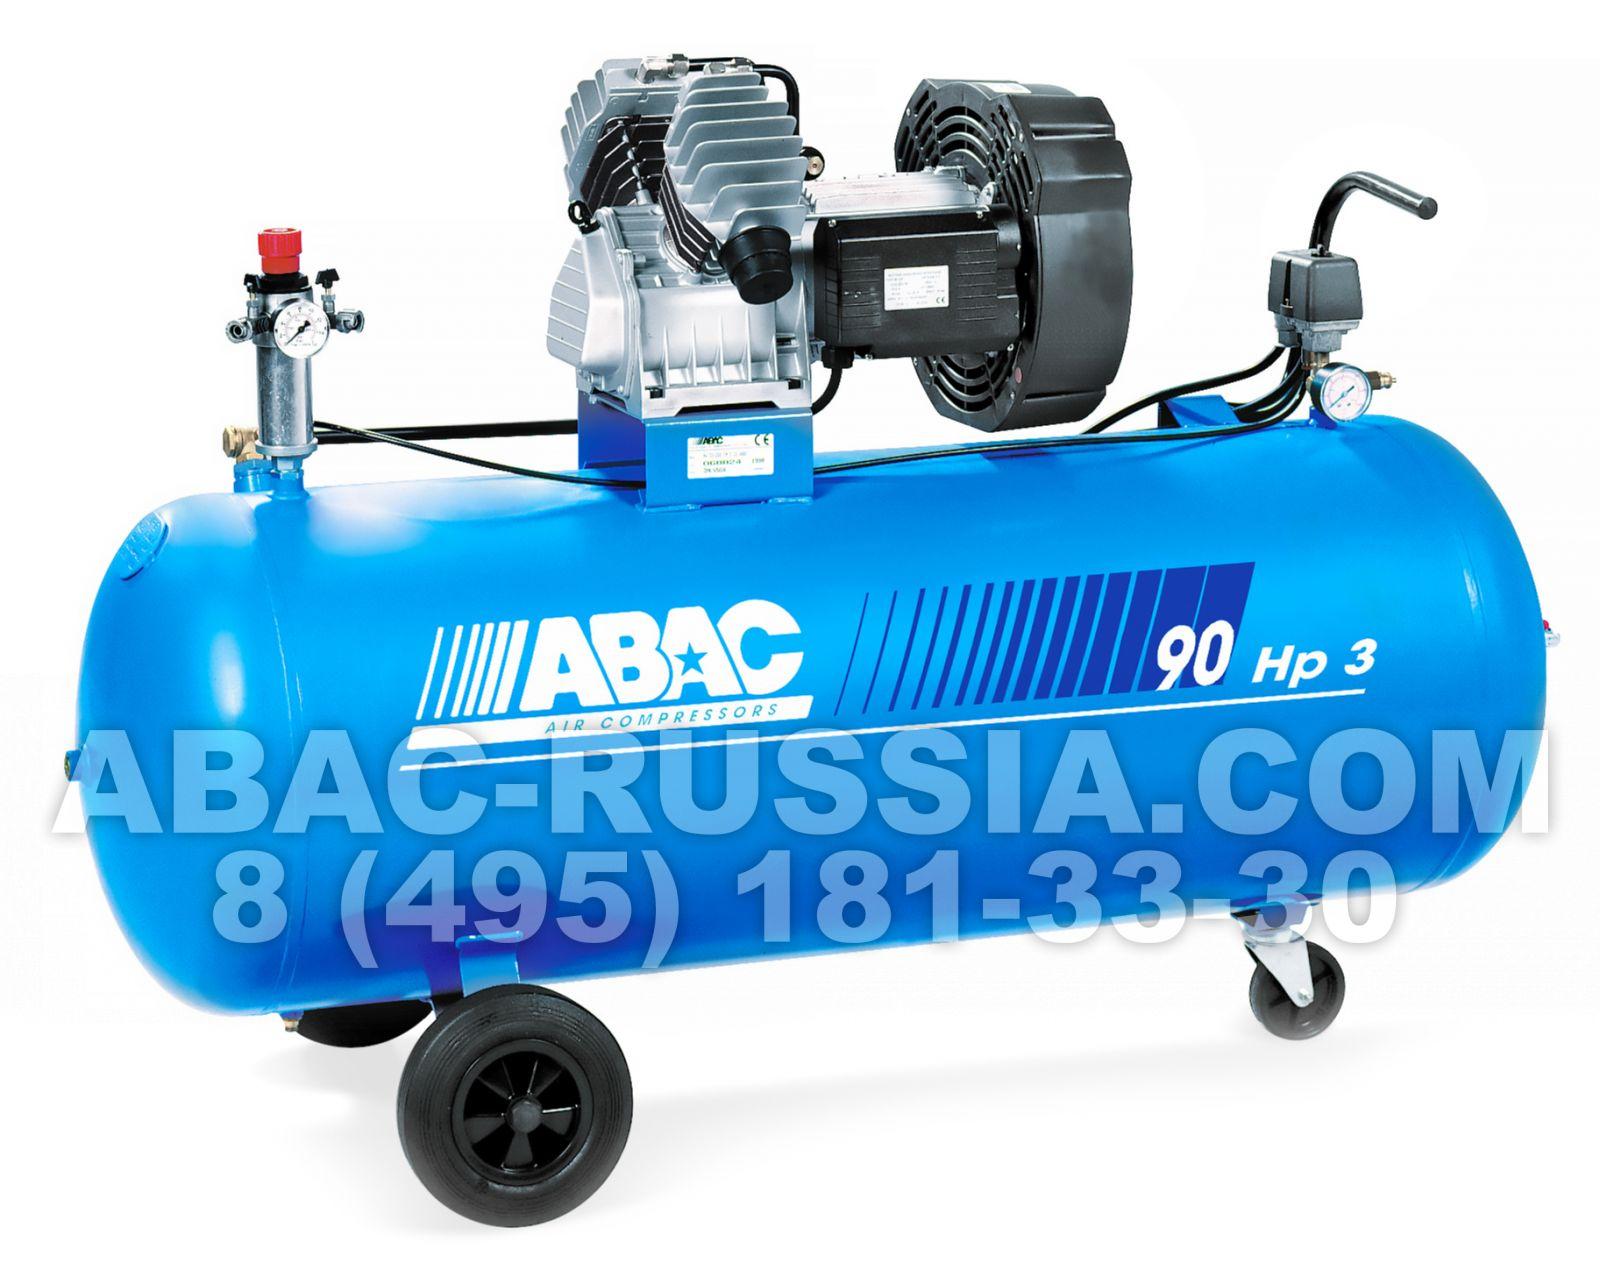 Поршневой компрессор ABAC V30/90 CM3 1121370226